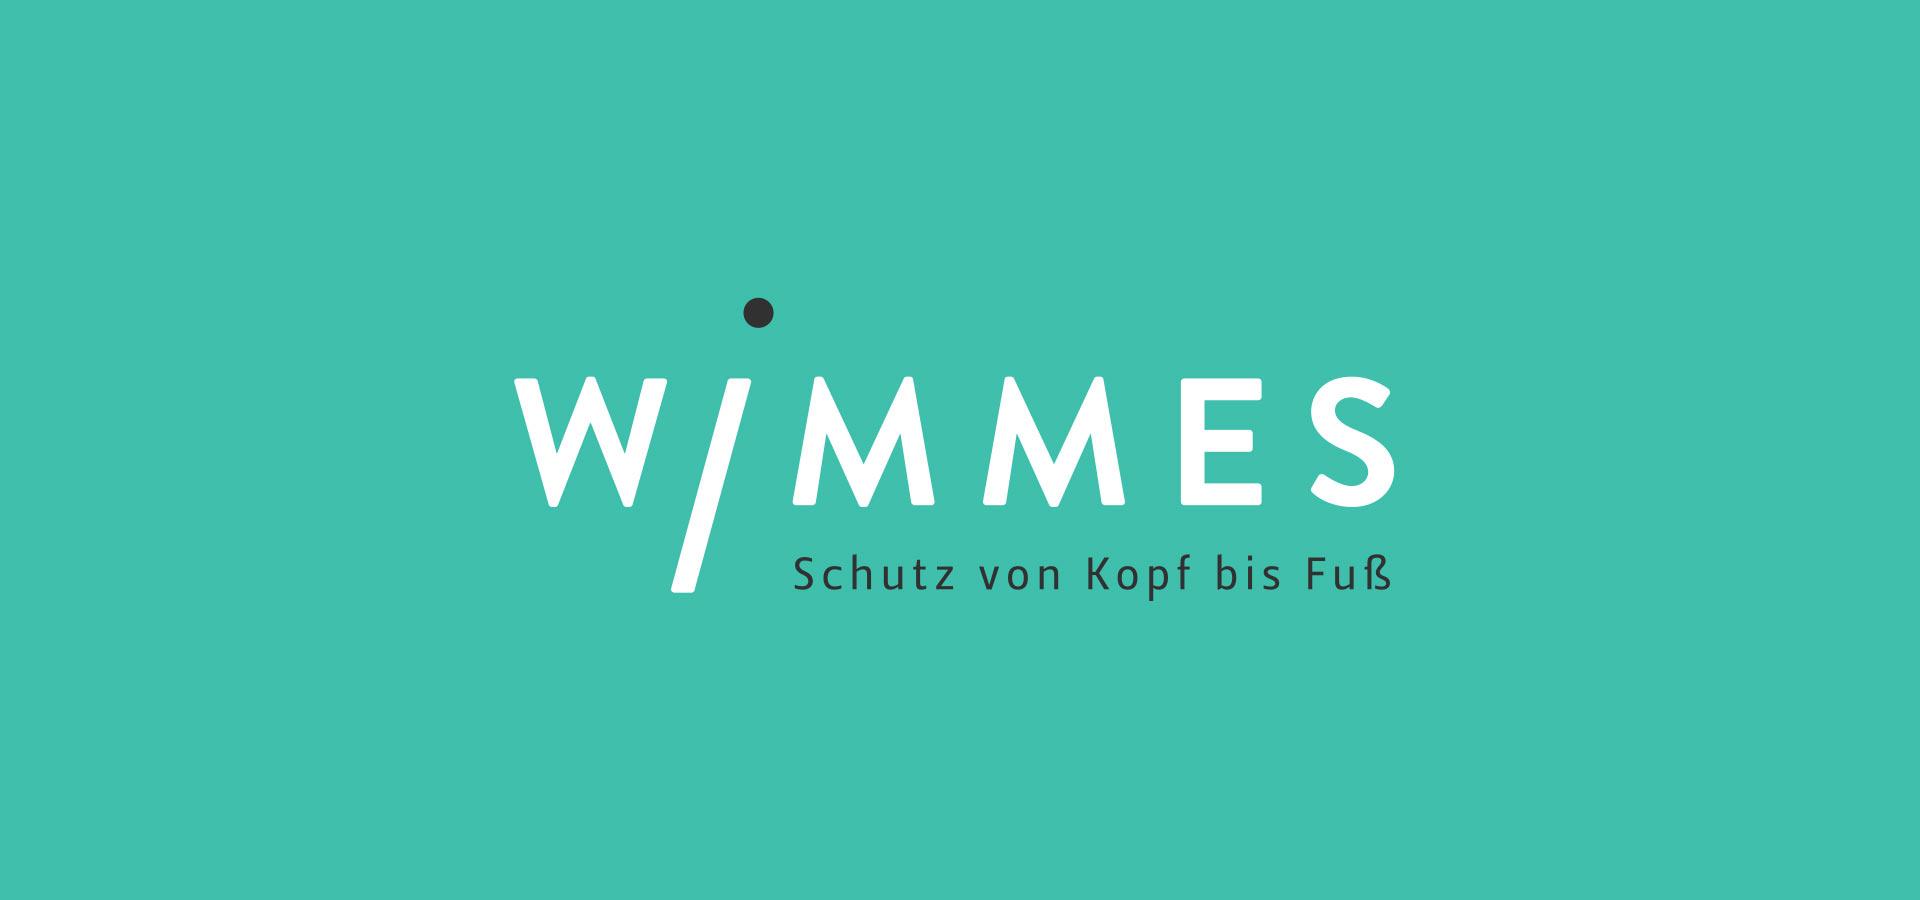 wimmes_top.jpg